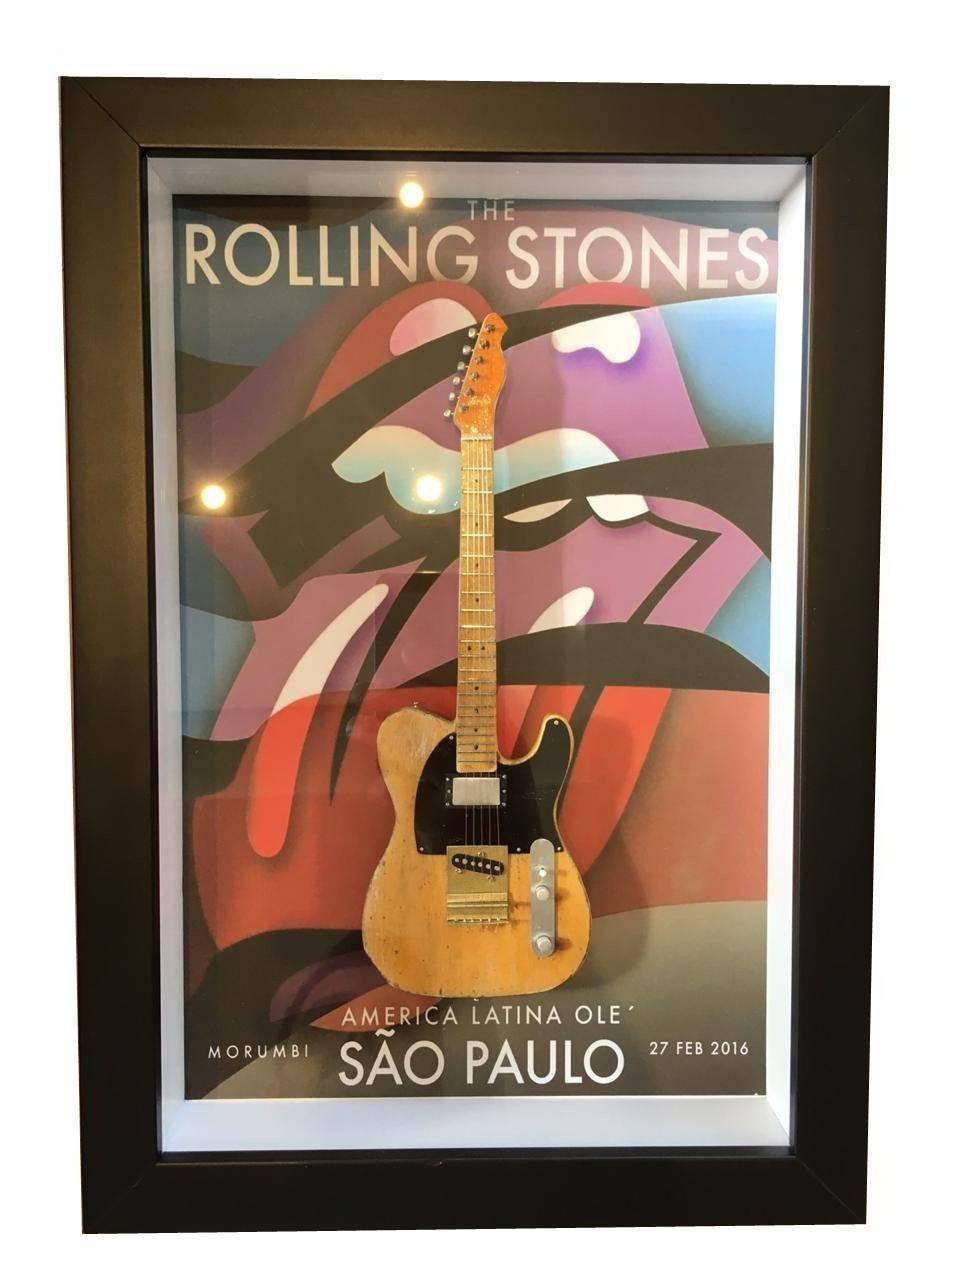 Miniatura Instrumento Musical Guitarra The Rolling Stones com quadro